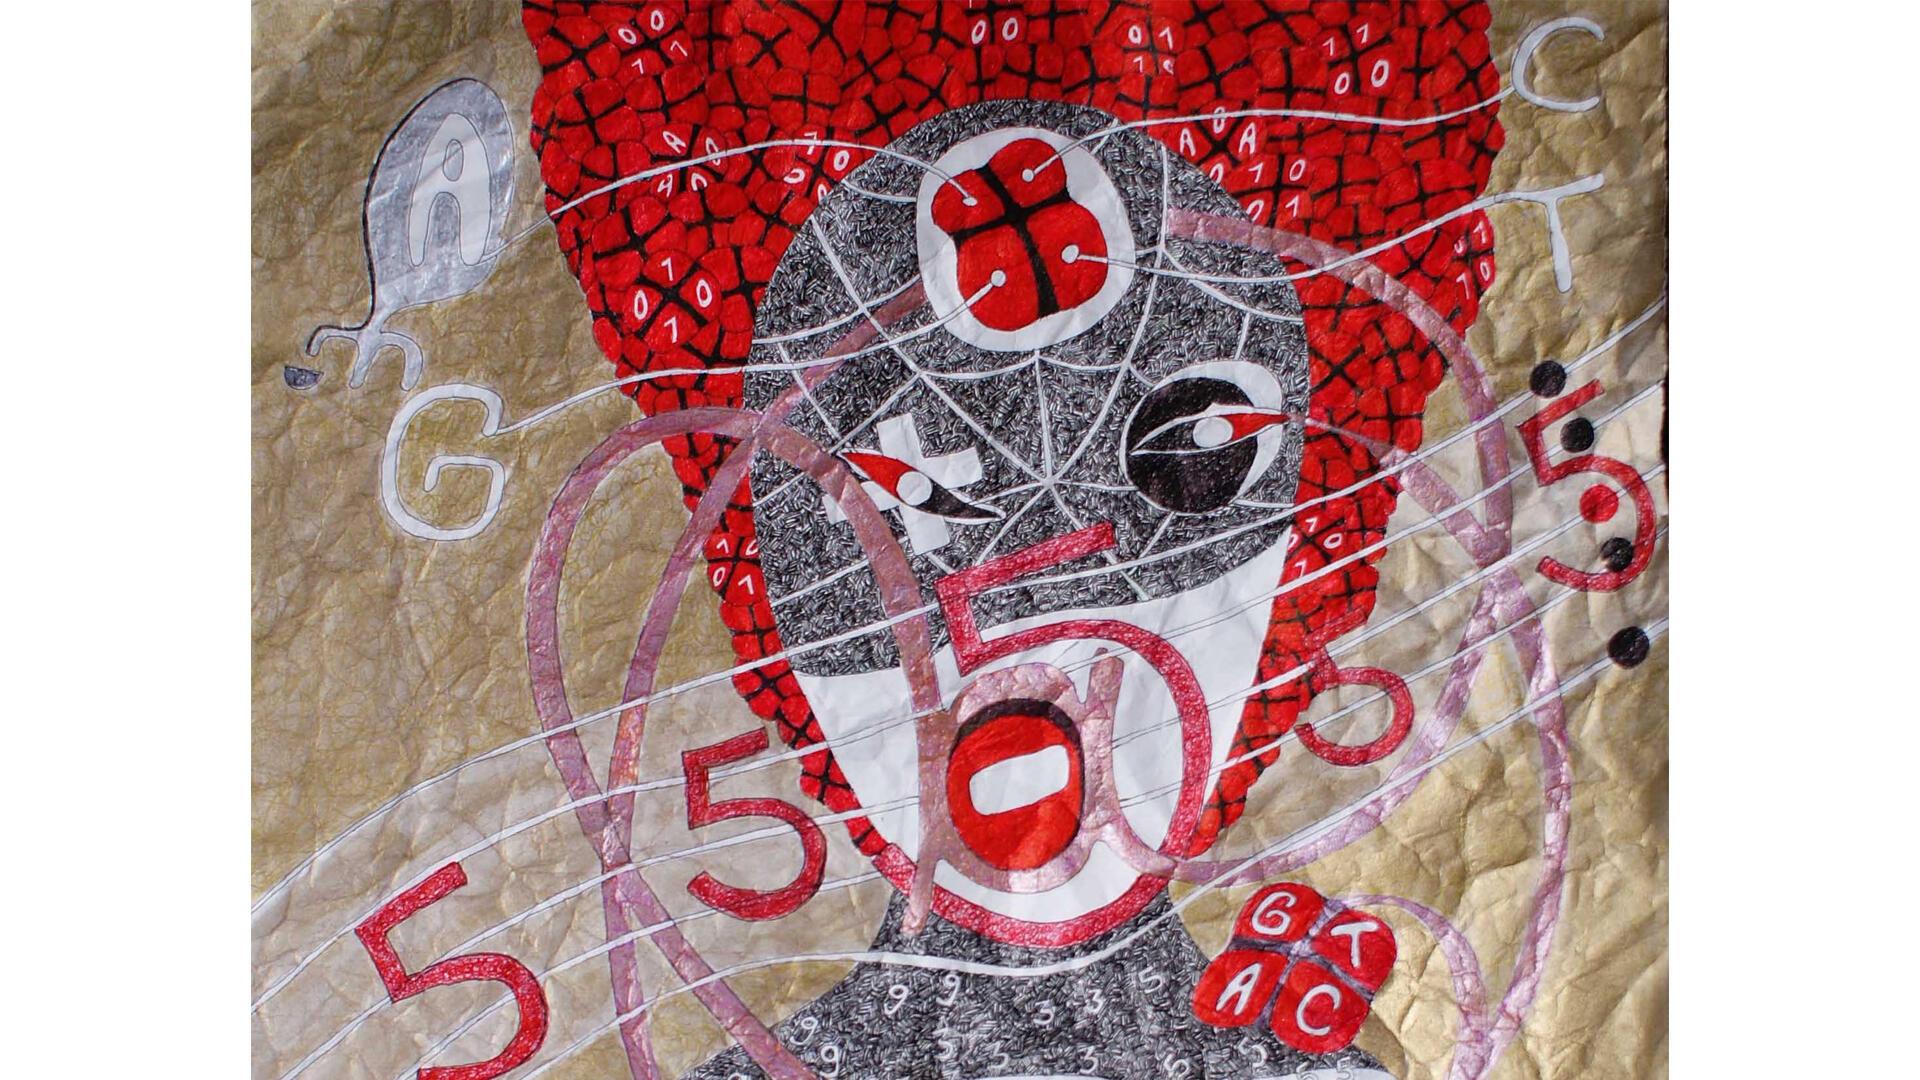 «Seinbolyquement vôtre» par Ernest Dükü. 63 x 48 cm. Dessin sur papier froissé, 2013.